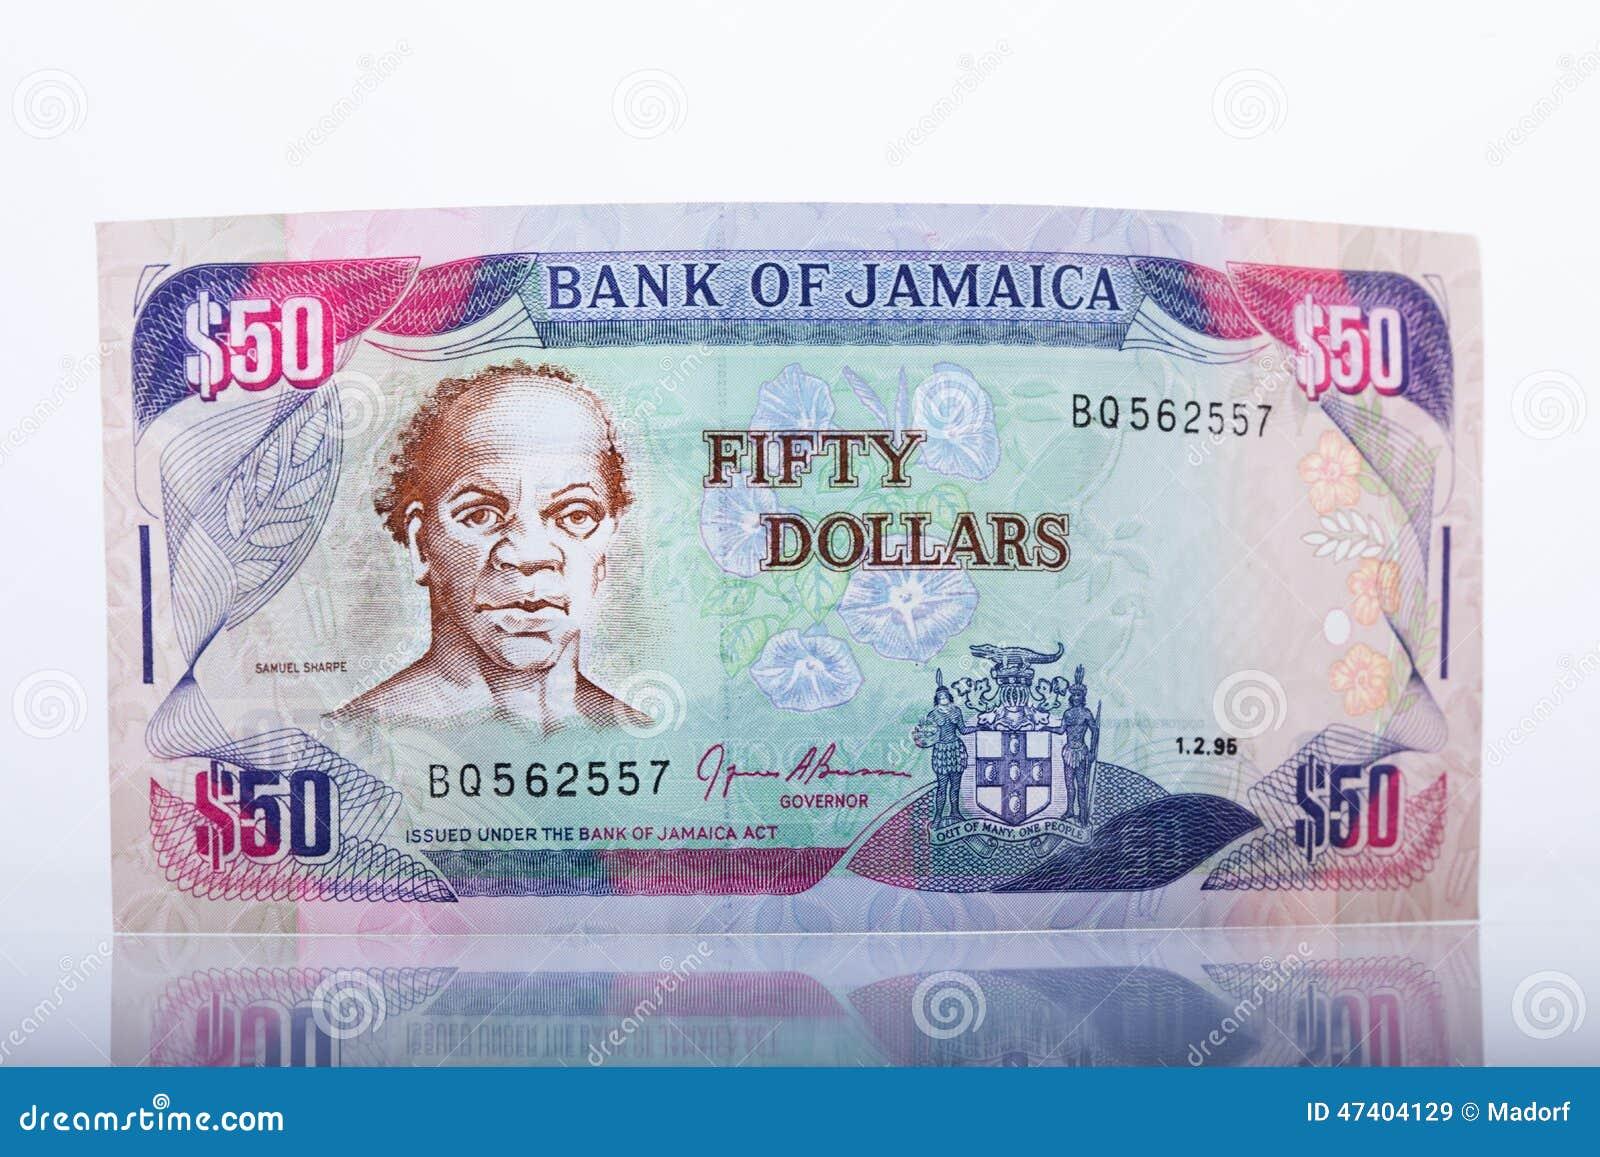 poverty in jamaica essay